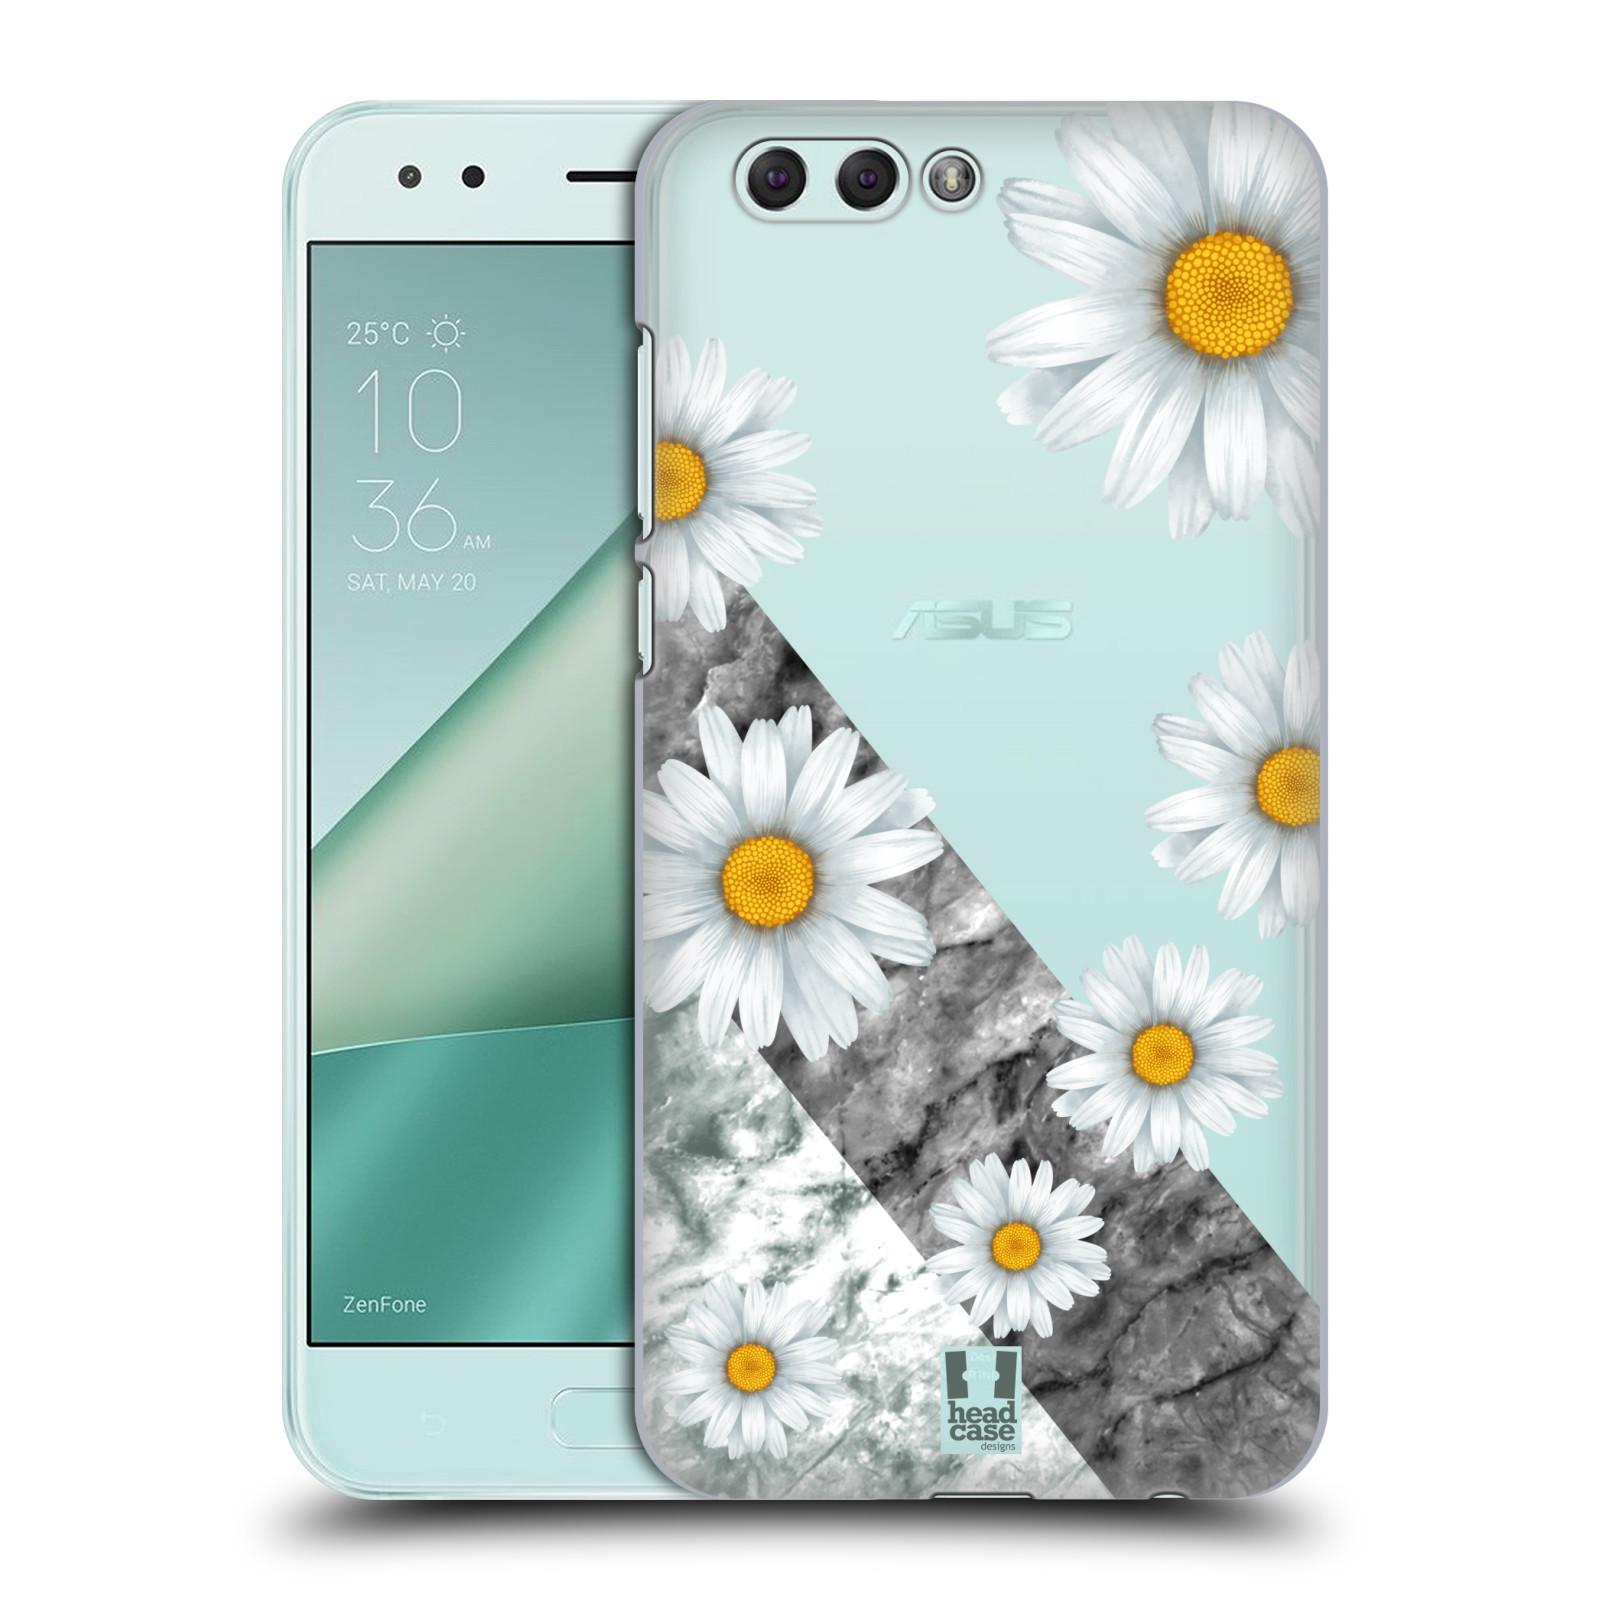 HEAD CASE plastový obal na mobil Asus Zenfone 4 ZE554KL květina sedmikráska a mramor